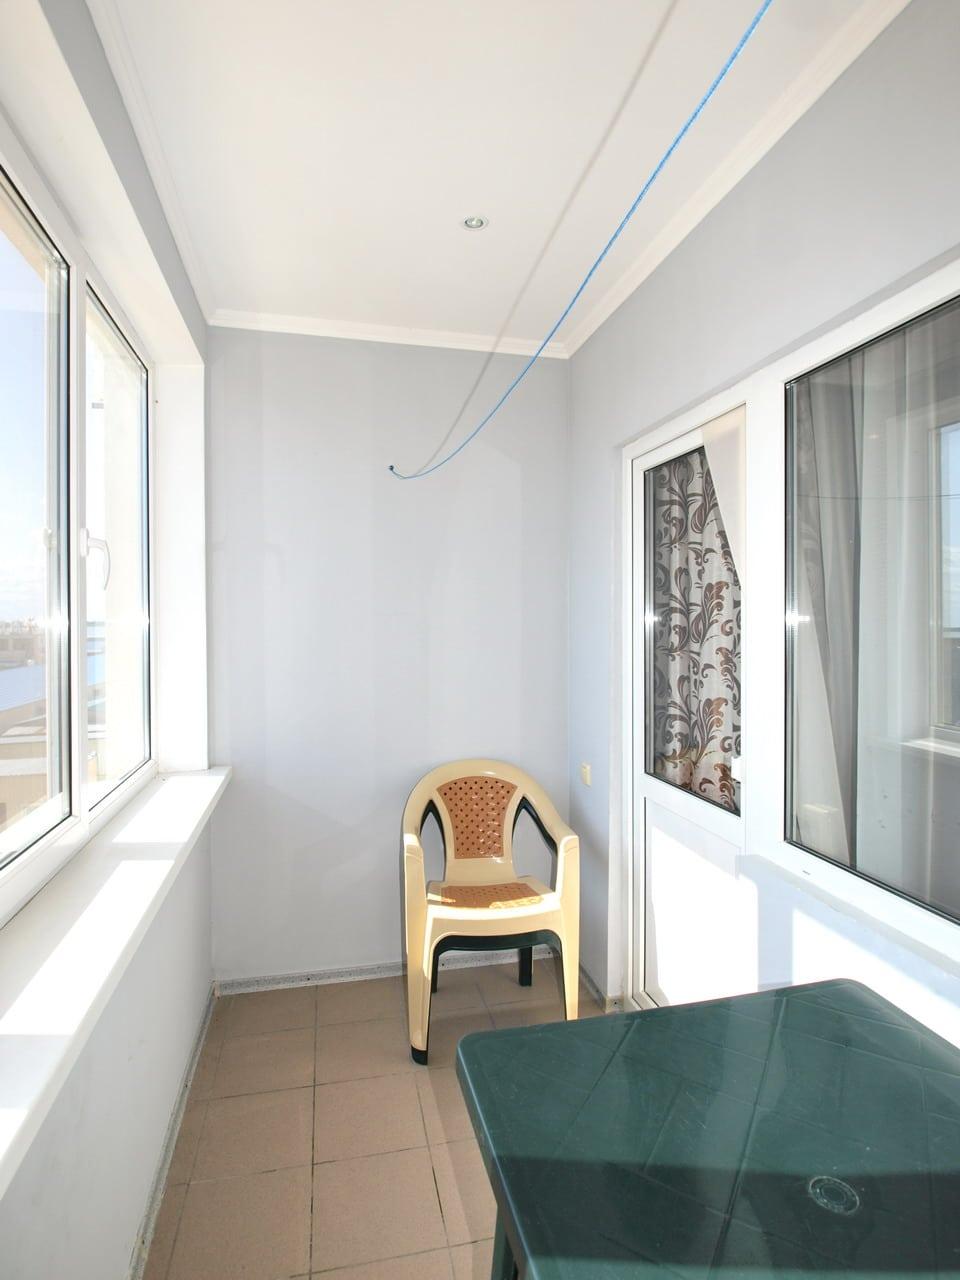 6-ти местный двухкомнатный люкс. Балкон